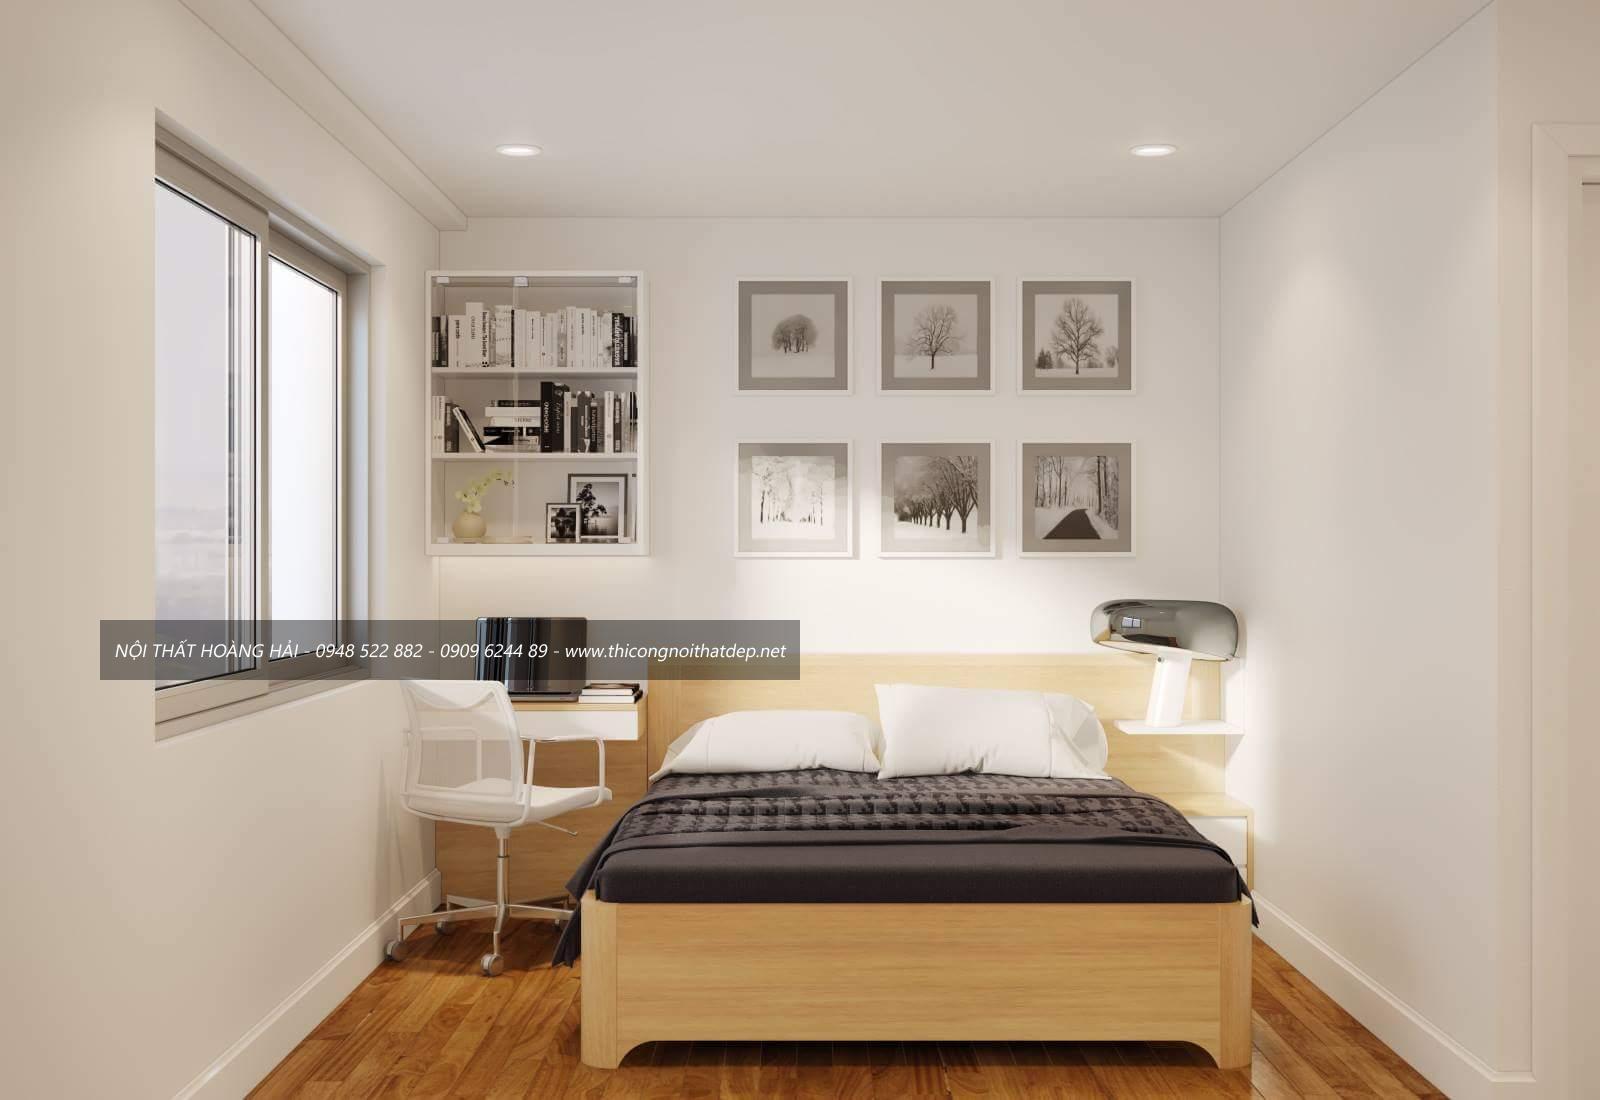 Phong cách nội thất chung cư 3 phòng ngủ mới lạ Thiet_ke_noi_that_chung_cu_cao_cap_tai_ha_noi